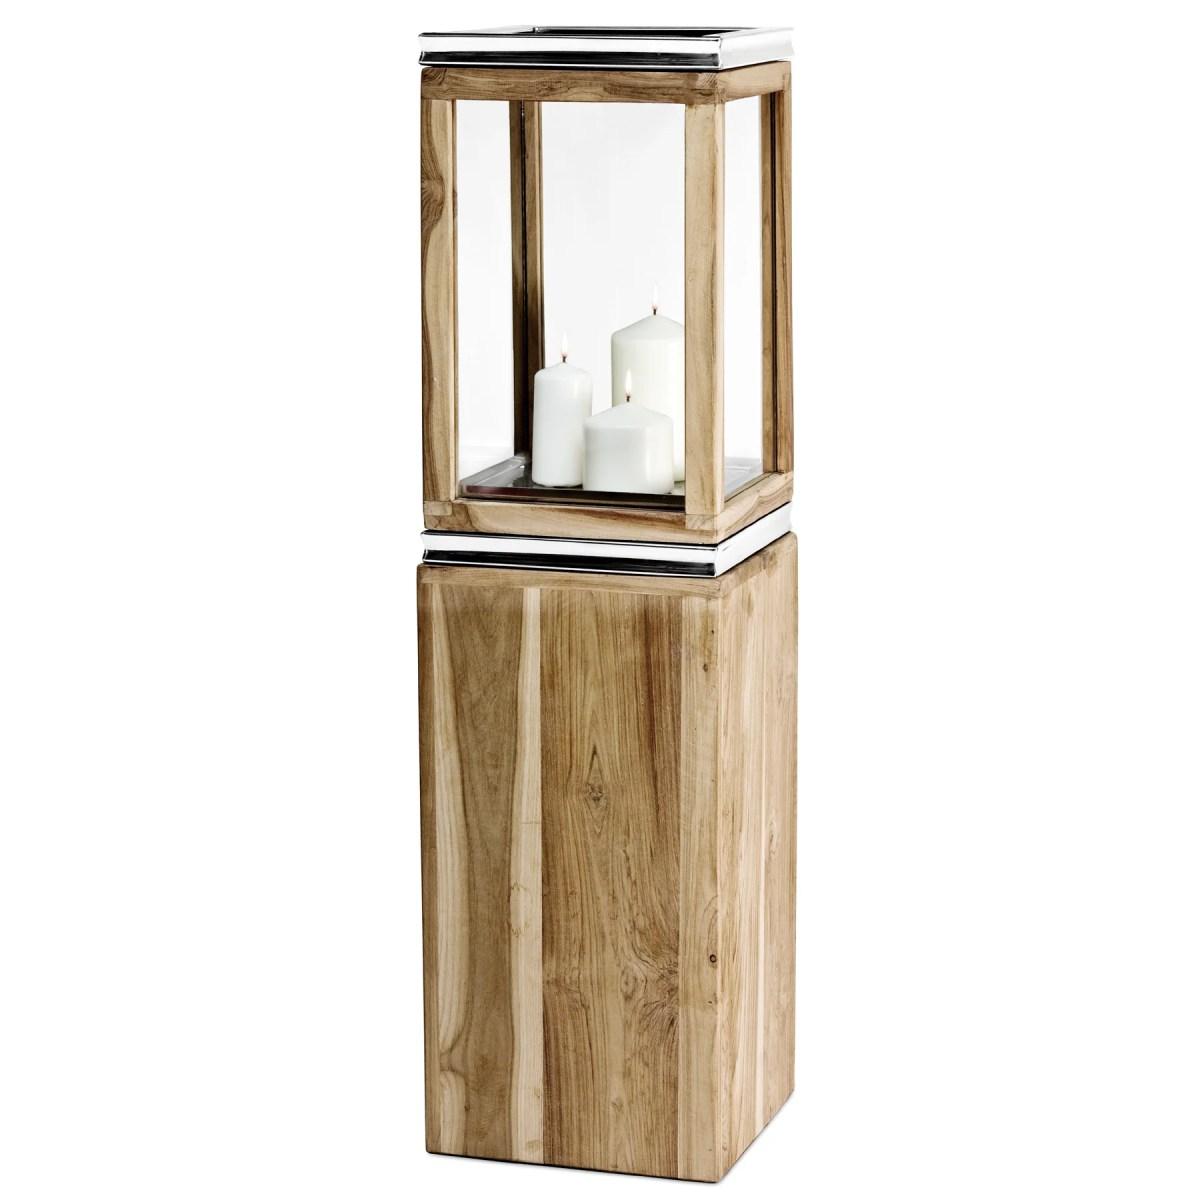 7461 Sockel für Laterne Dubai, Teakholz und Edelstahl glänzend vernickelt, Höhe 61 cm, Gewicht 7,4 kg